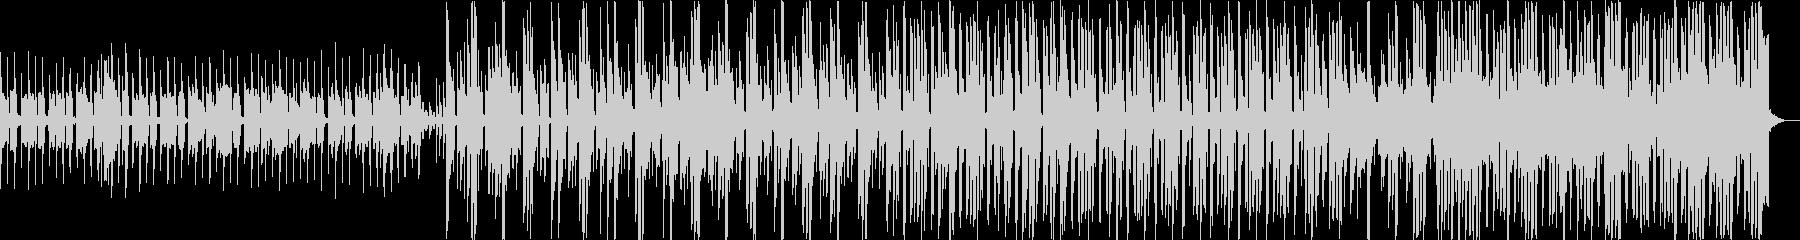 デジタルポップにアコースティックギターの未再生の波形